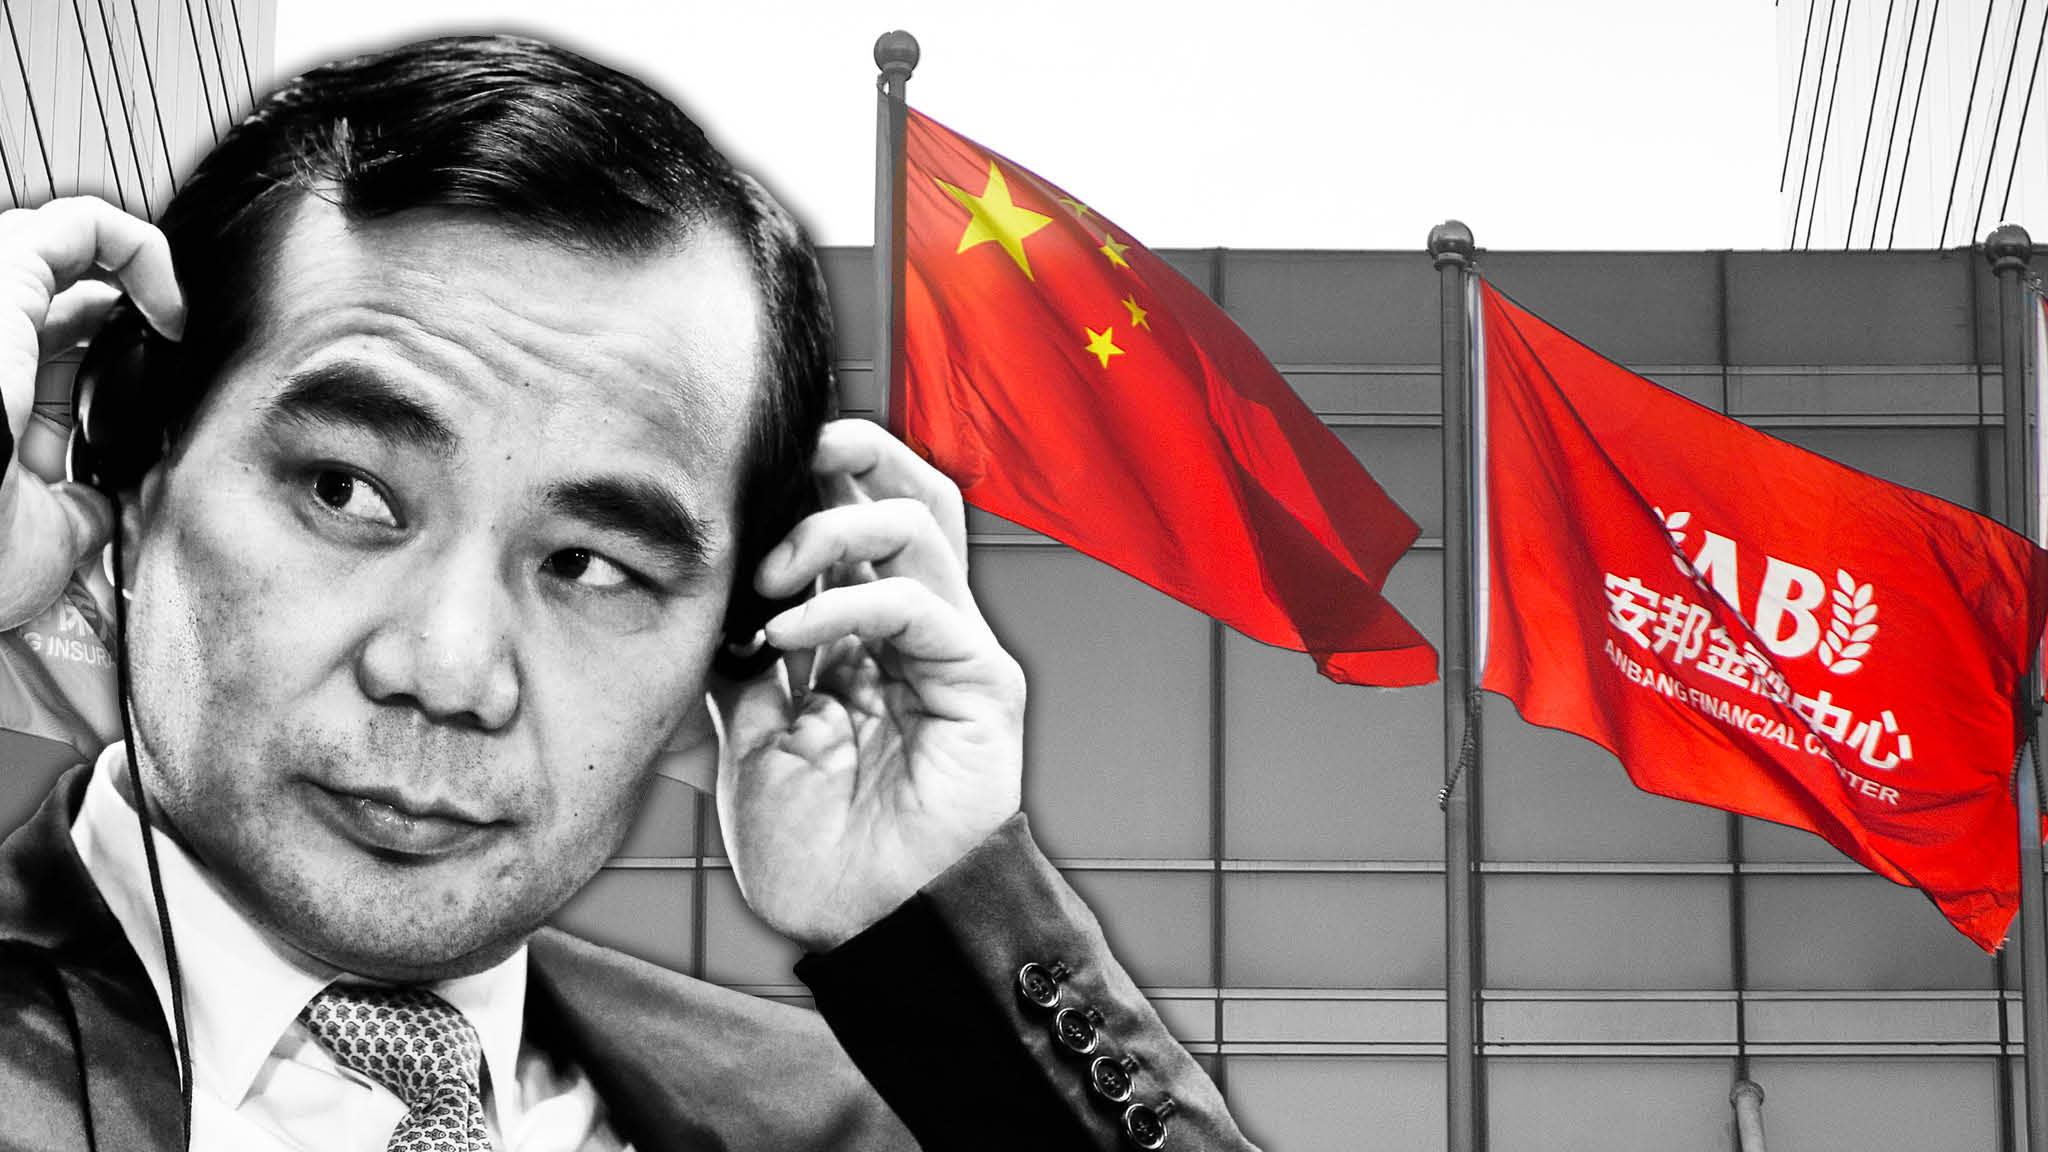 Anbang arrest demonstrates Beijing's hostility to business